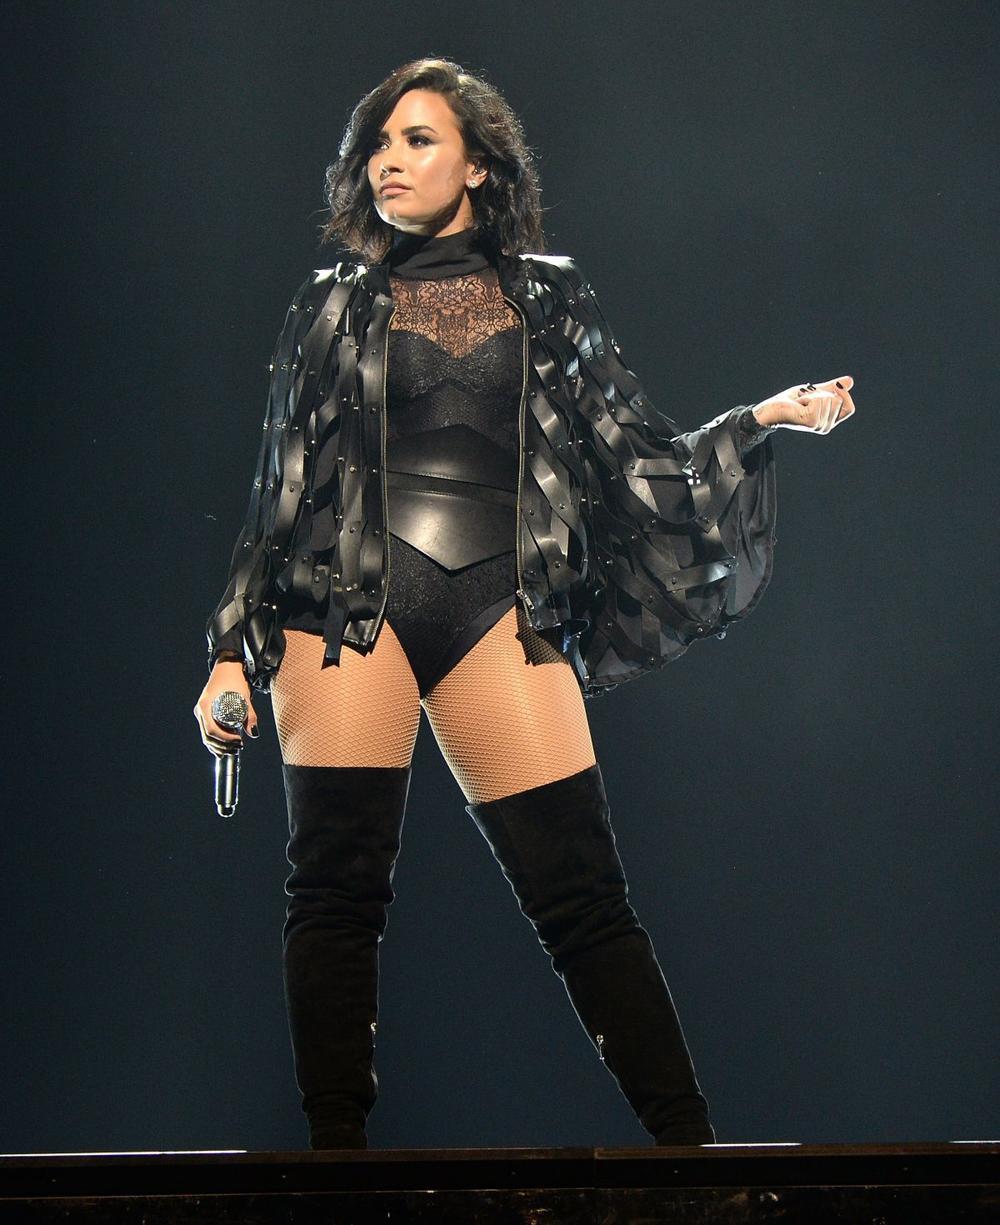 Demi Lovato cảm thấy yêu bản thân sau khi từ bỏ ăn kiêng và ngừng đếm số calo Ảnh 3